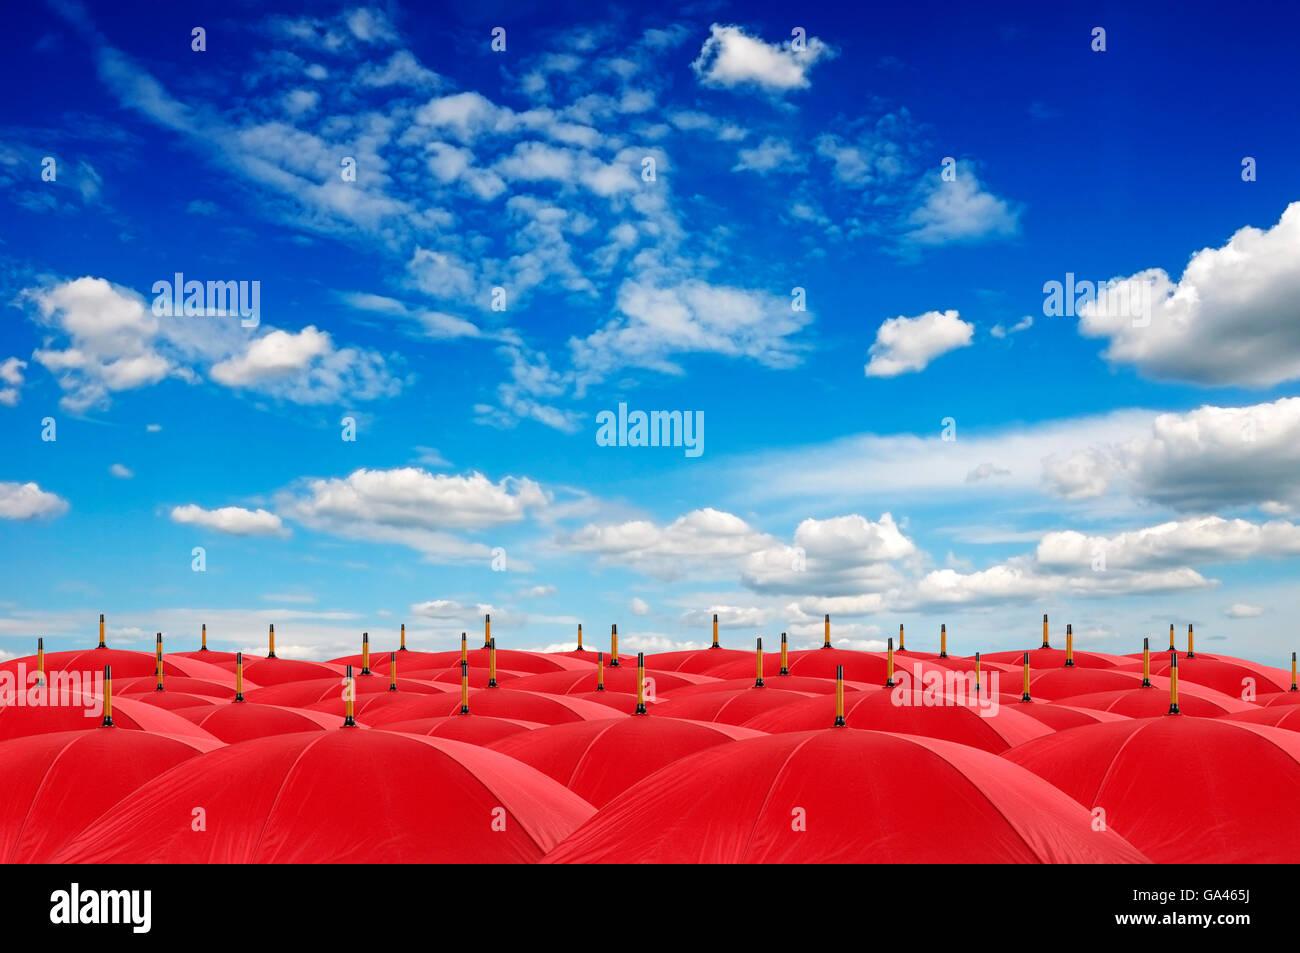 Reihen von geöffneten roten Sonnenschirmen Stockfoto